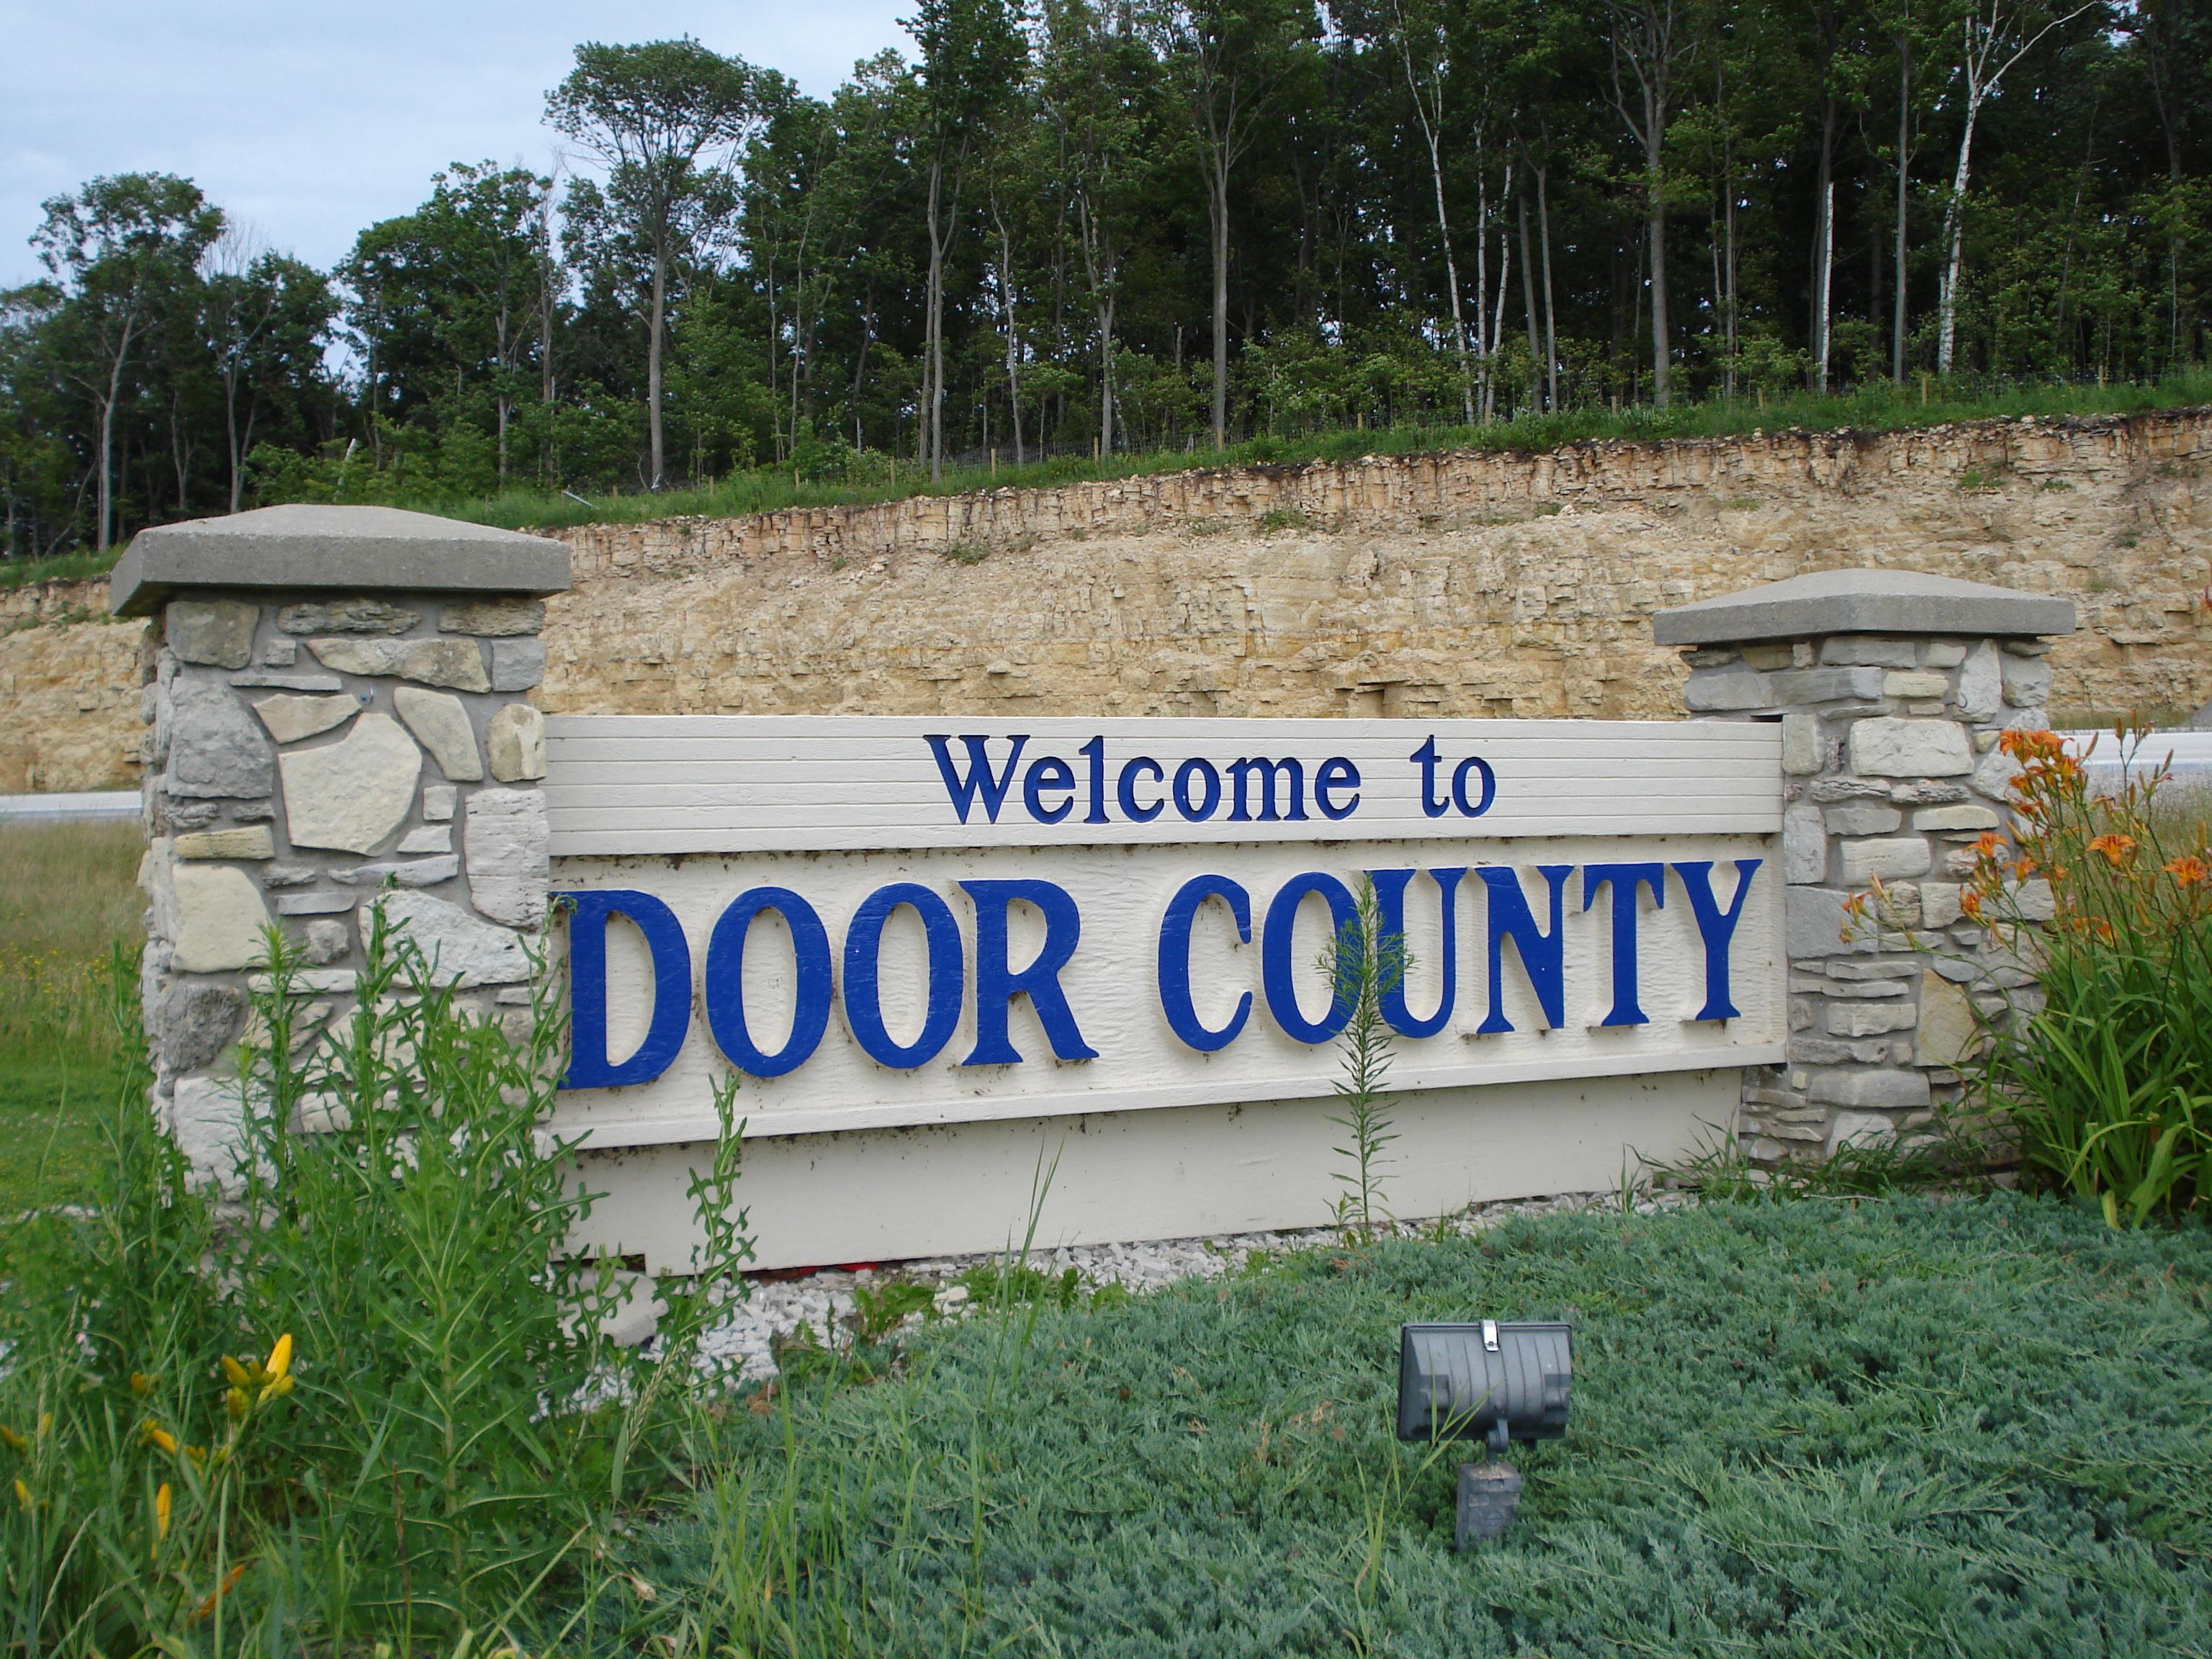 Door County Summer Vacation 100 Credit Offer